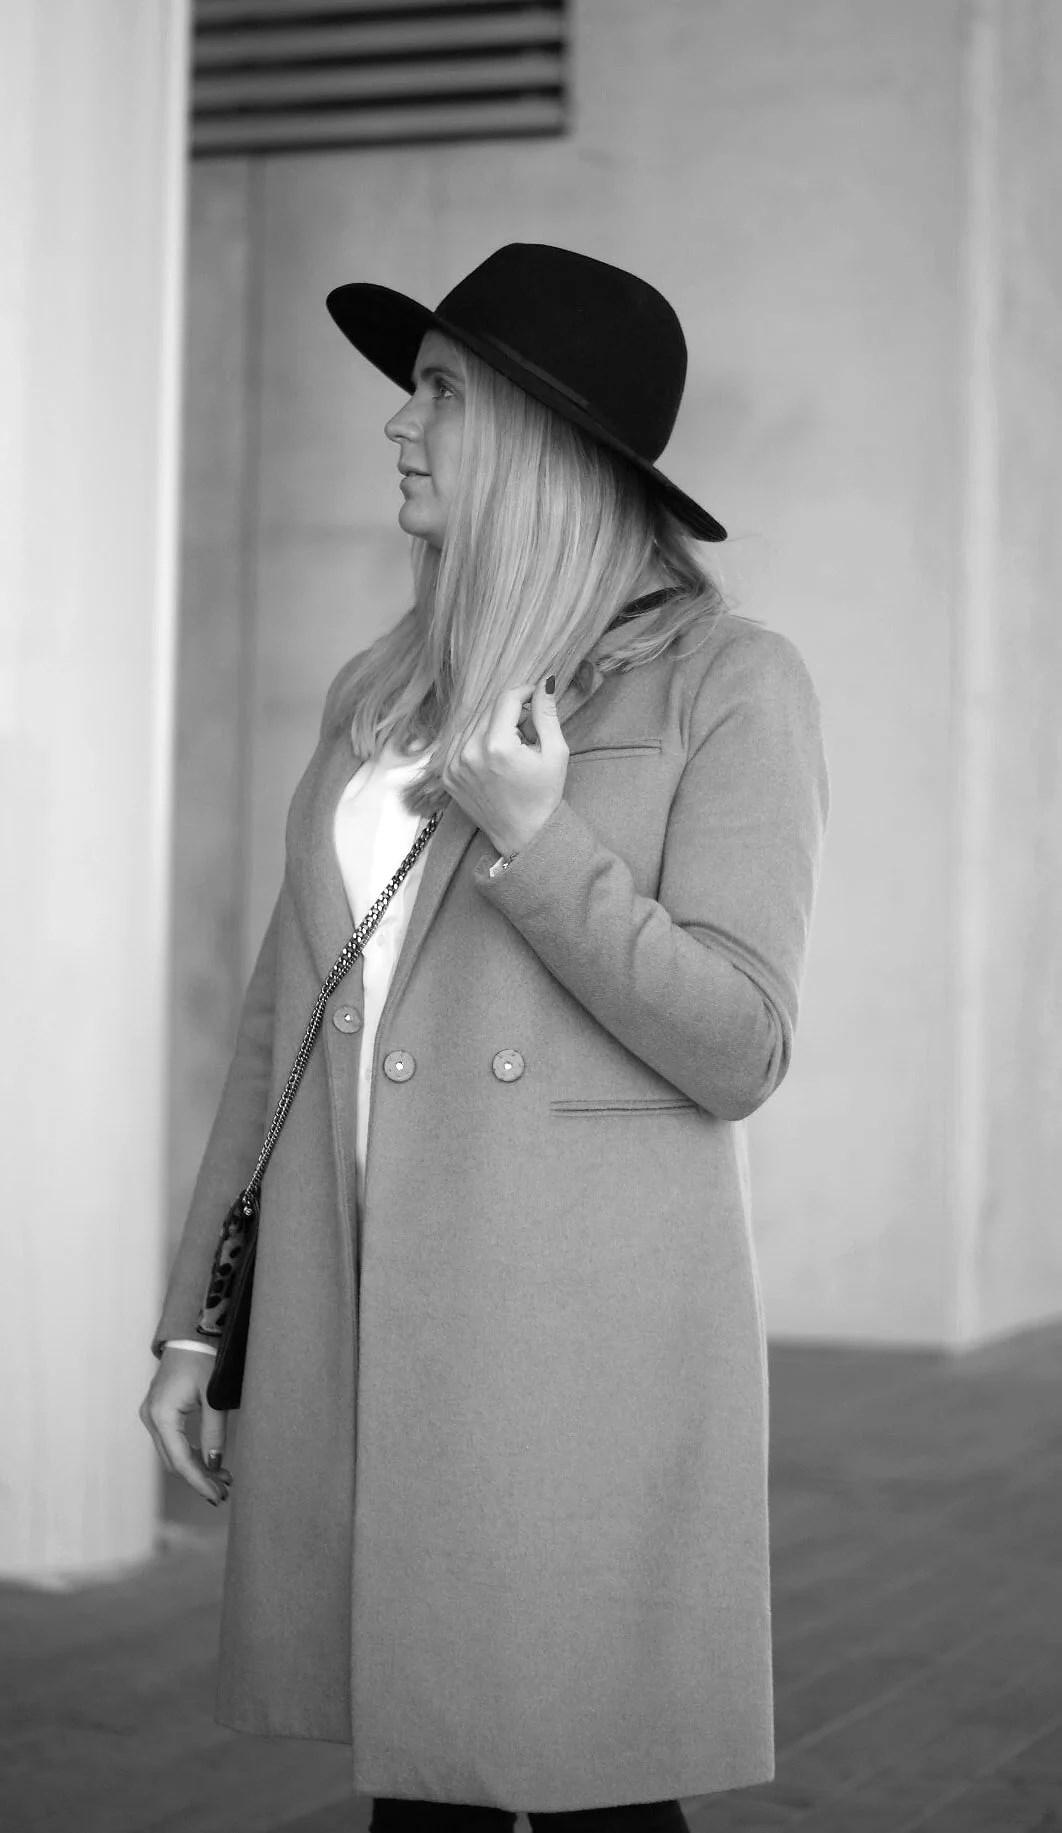 It's My Passions, Dansk modeblogger, Livsstilsblog, Julie Mænnchen, Modeblogger, Aalborg blogger, Blogger i Nordjylland